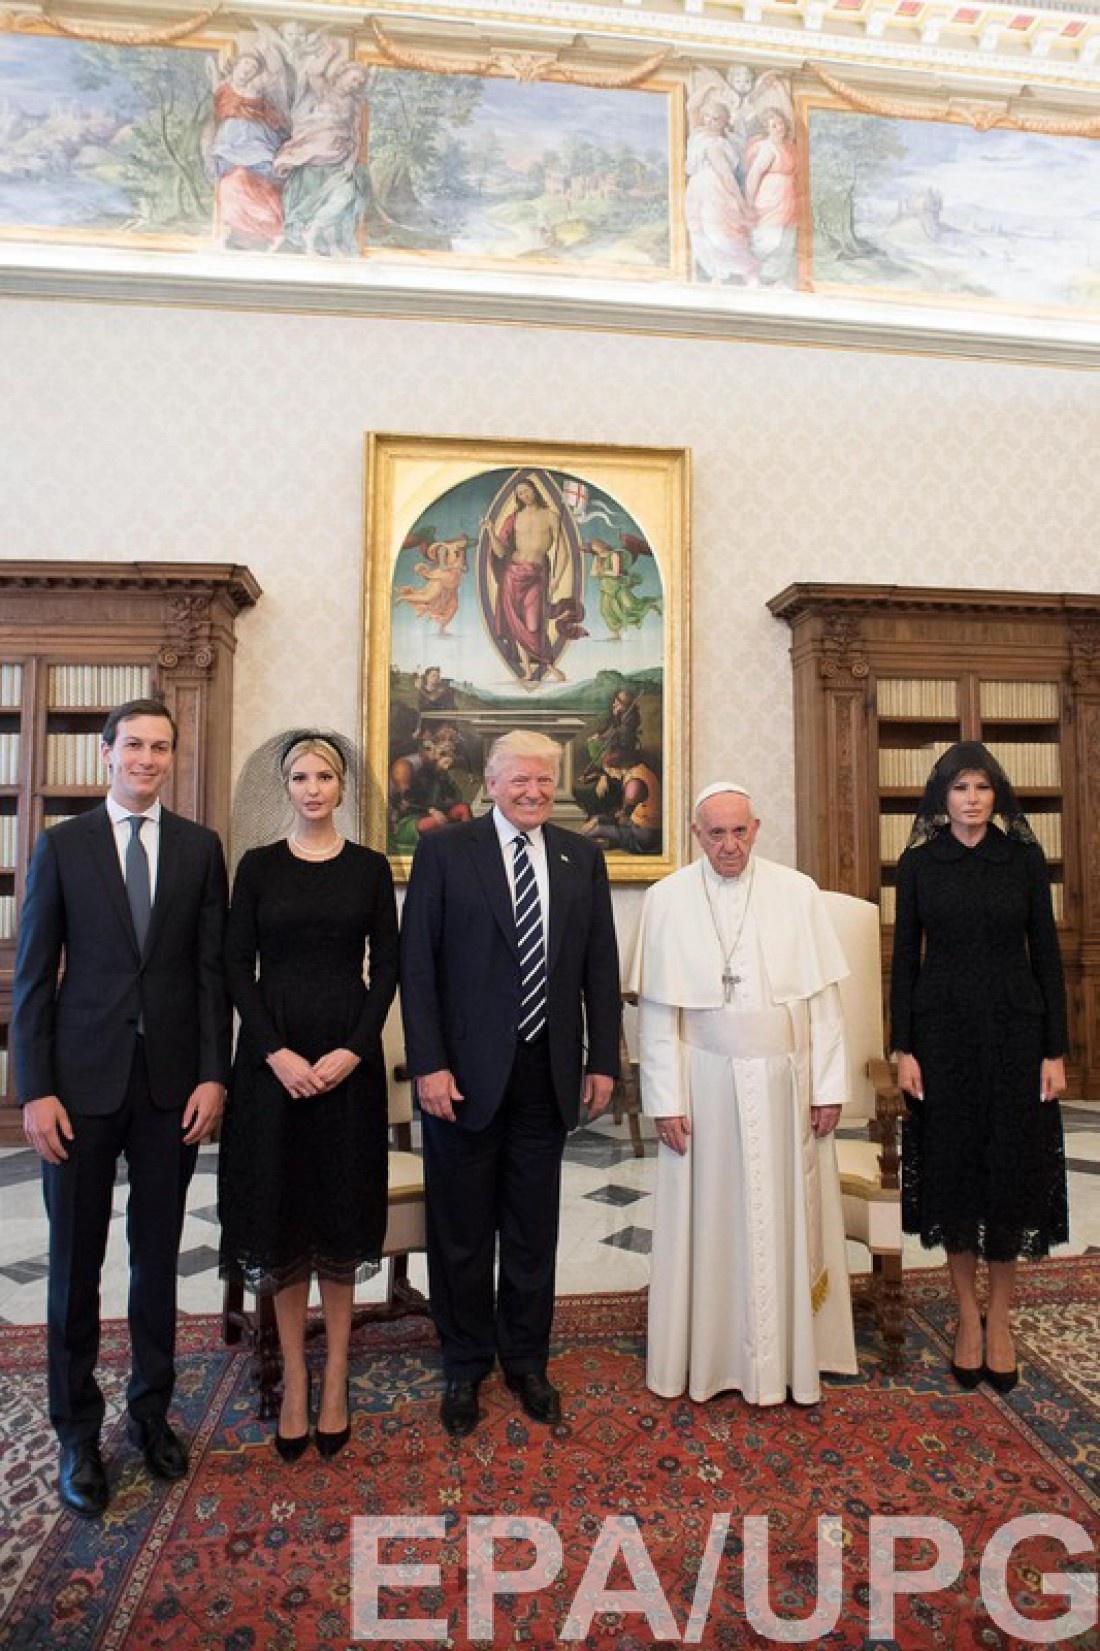 Дональд, Меланья и Иванка Трамп встретились с Папой Римским в Ватикане